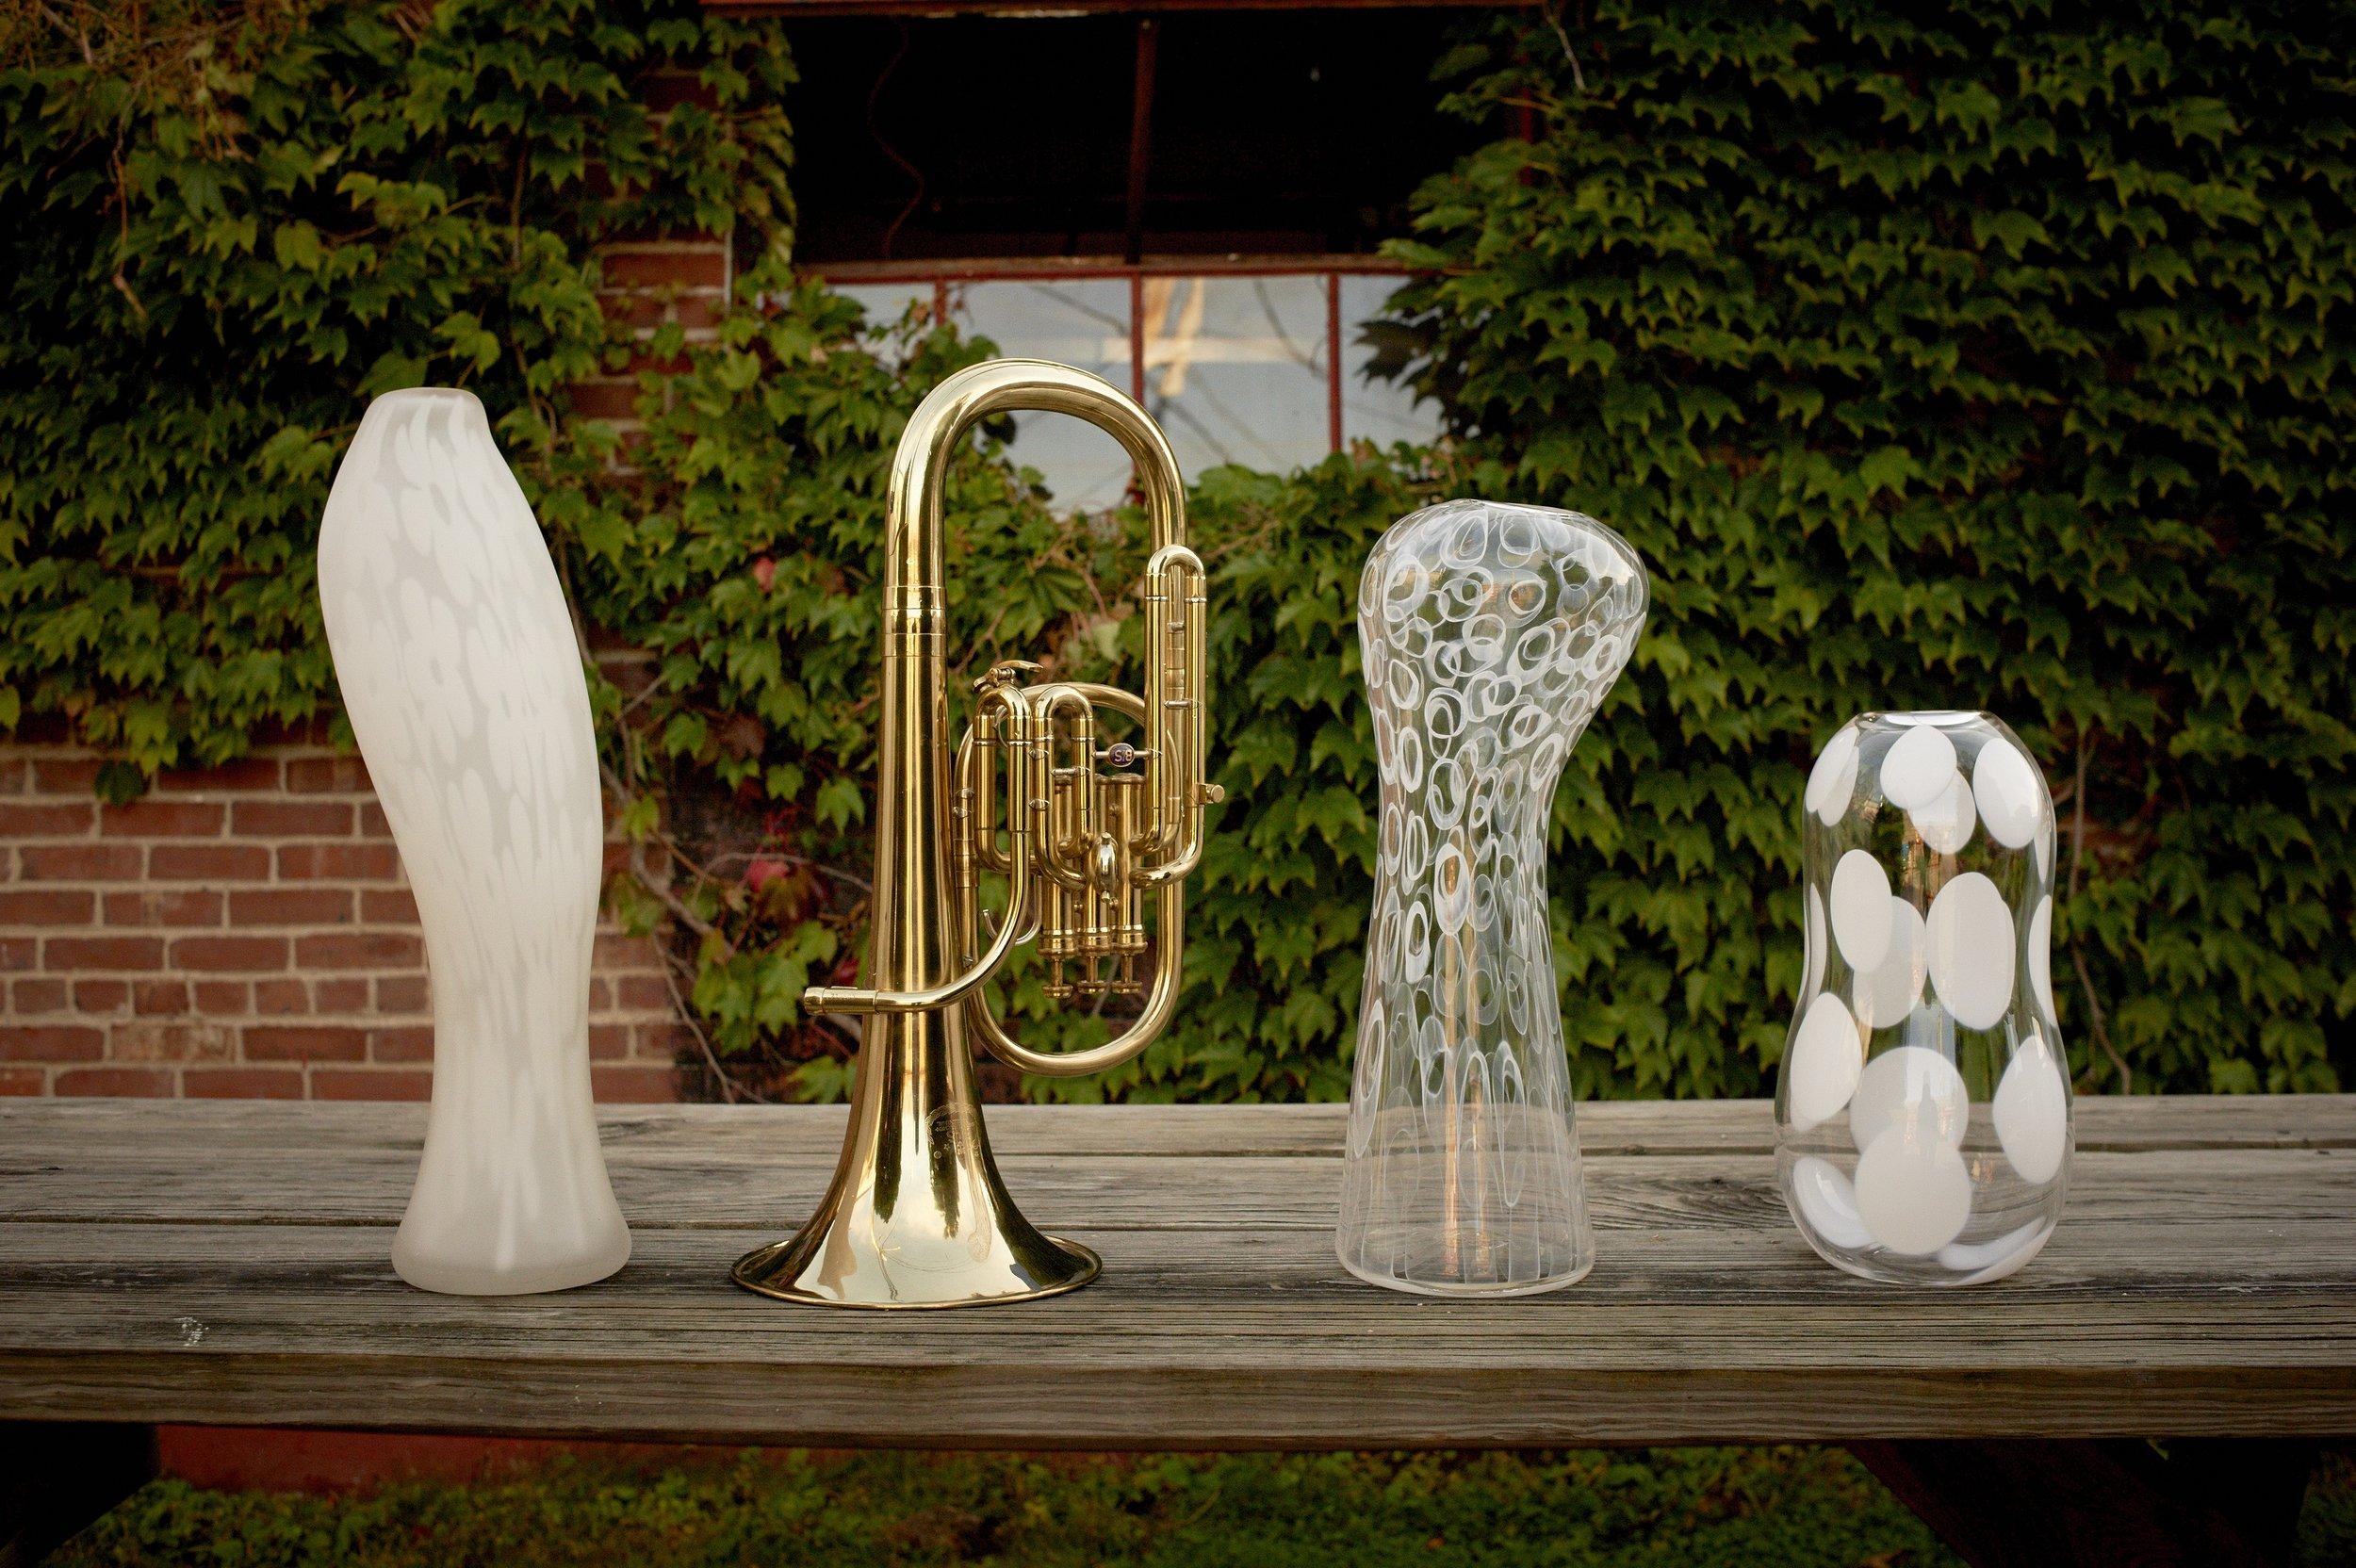 musical vasesjpg.jpg